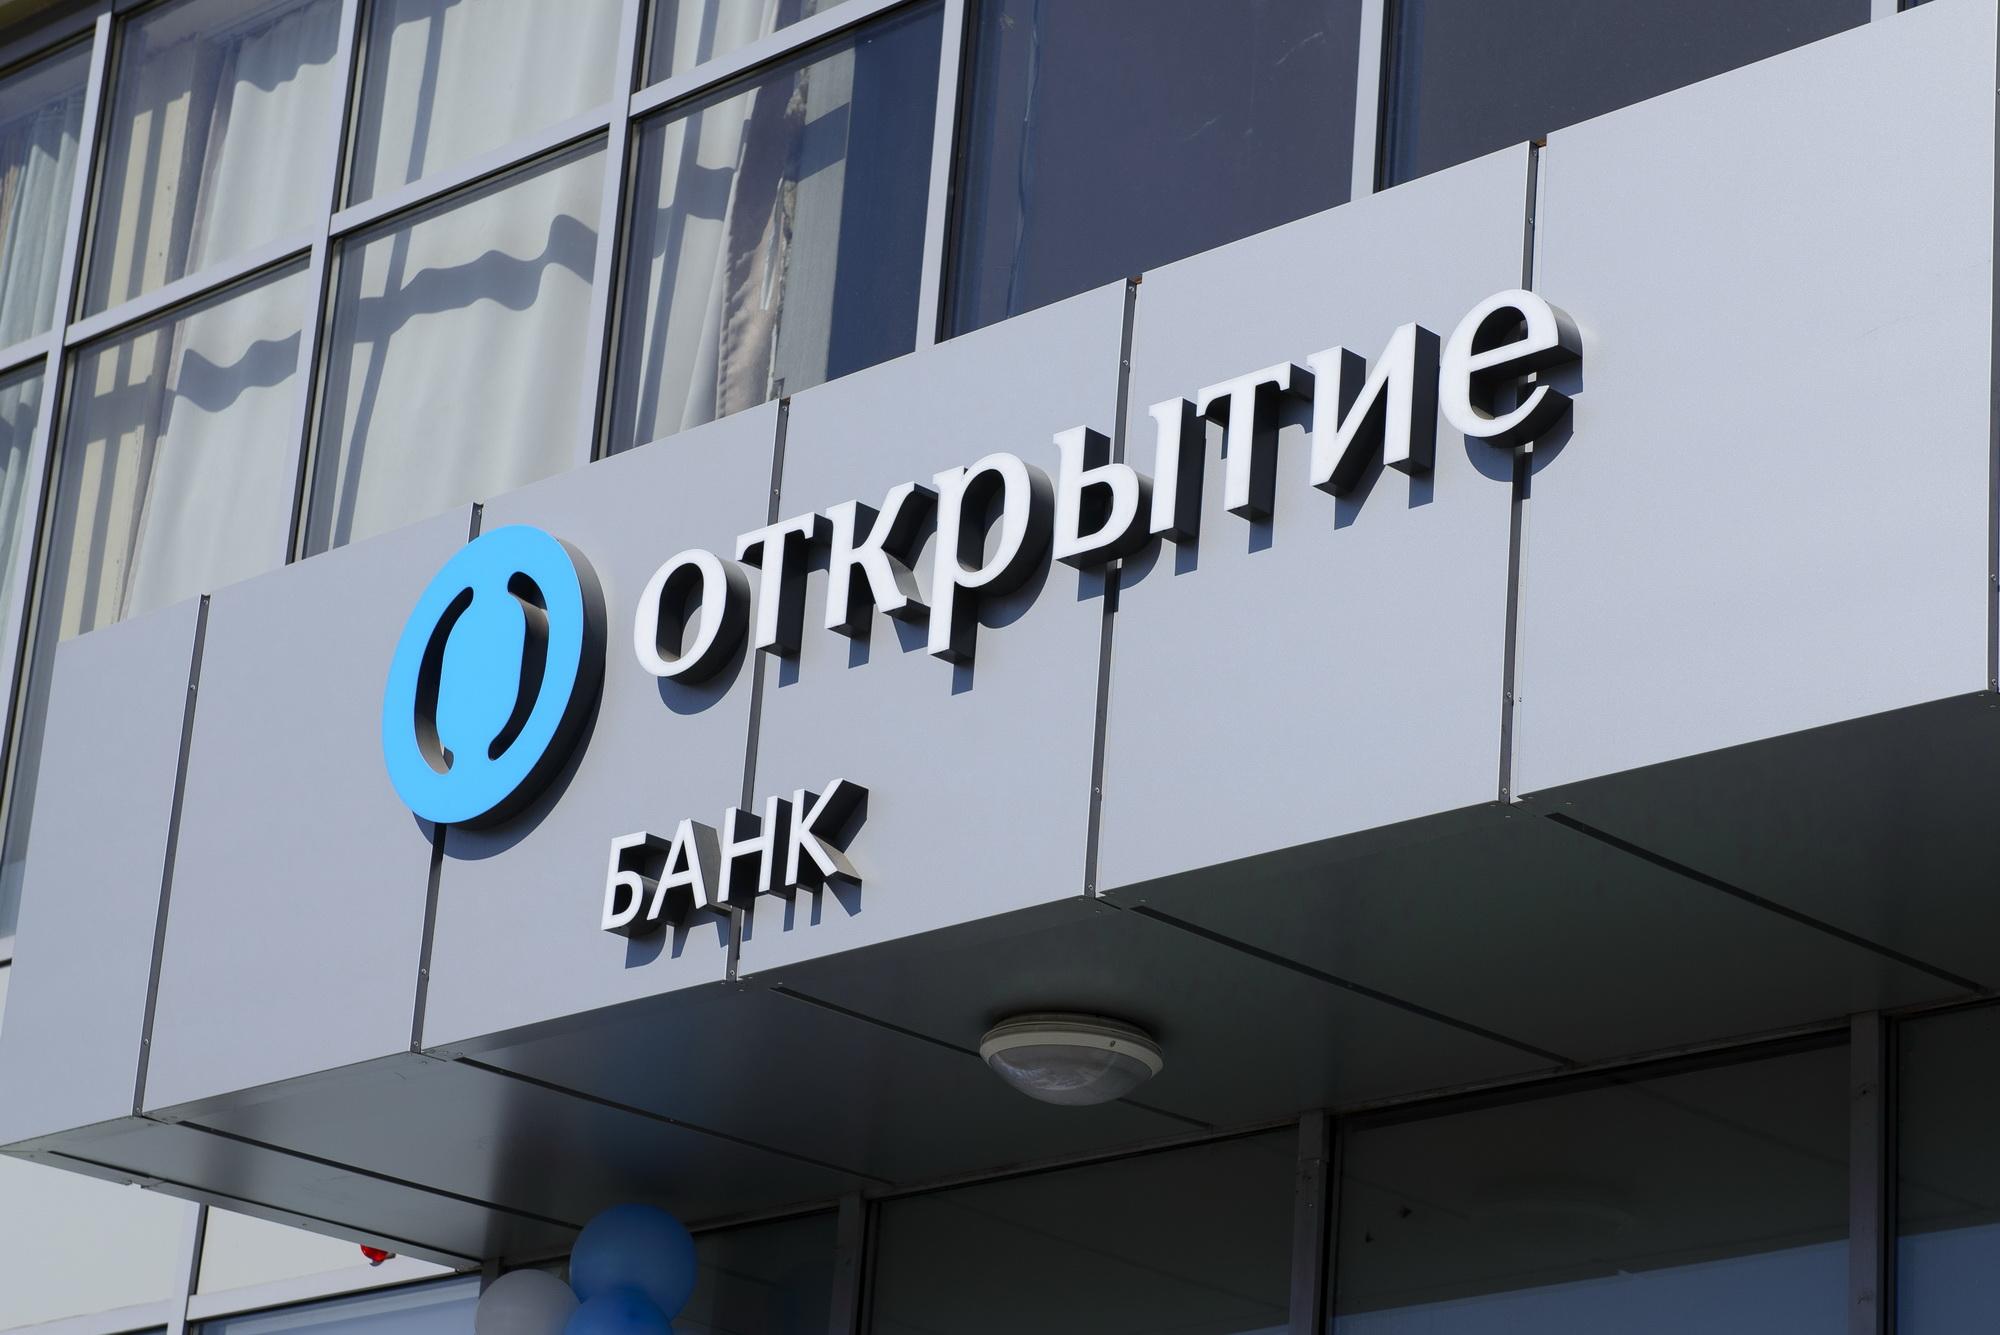 """Банк """"Открытие"""" запустил новый полноформатный офис в деловом центре Бийска"""